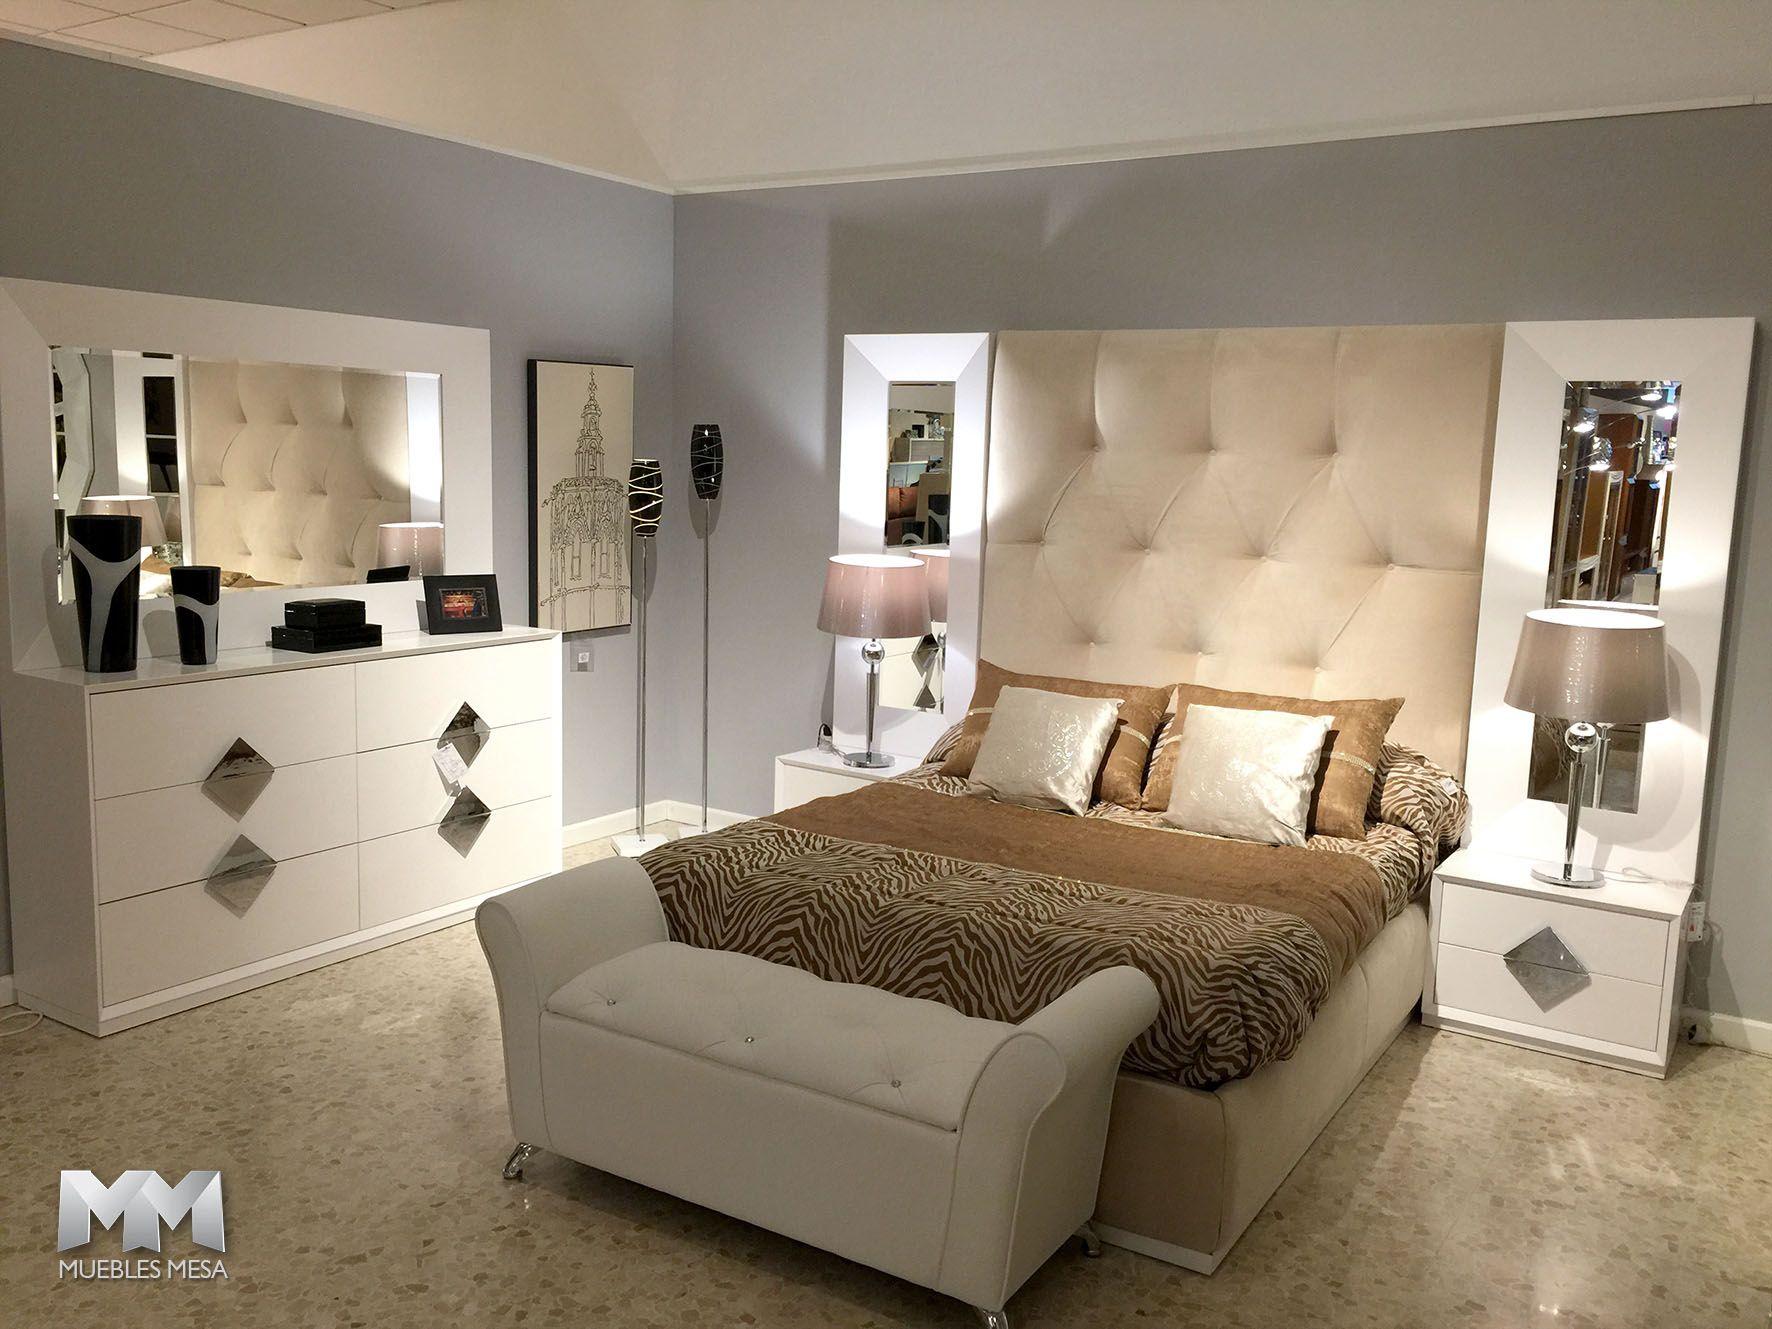 Muebles Franco Furniture en la exposición de Muebles Mesa en #lucena ...